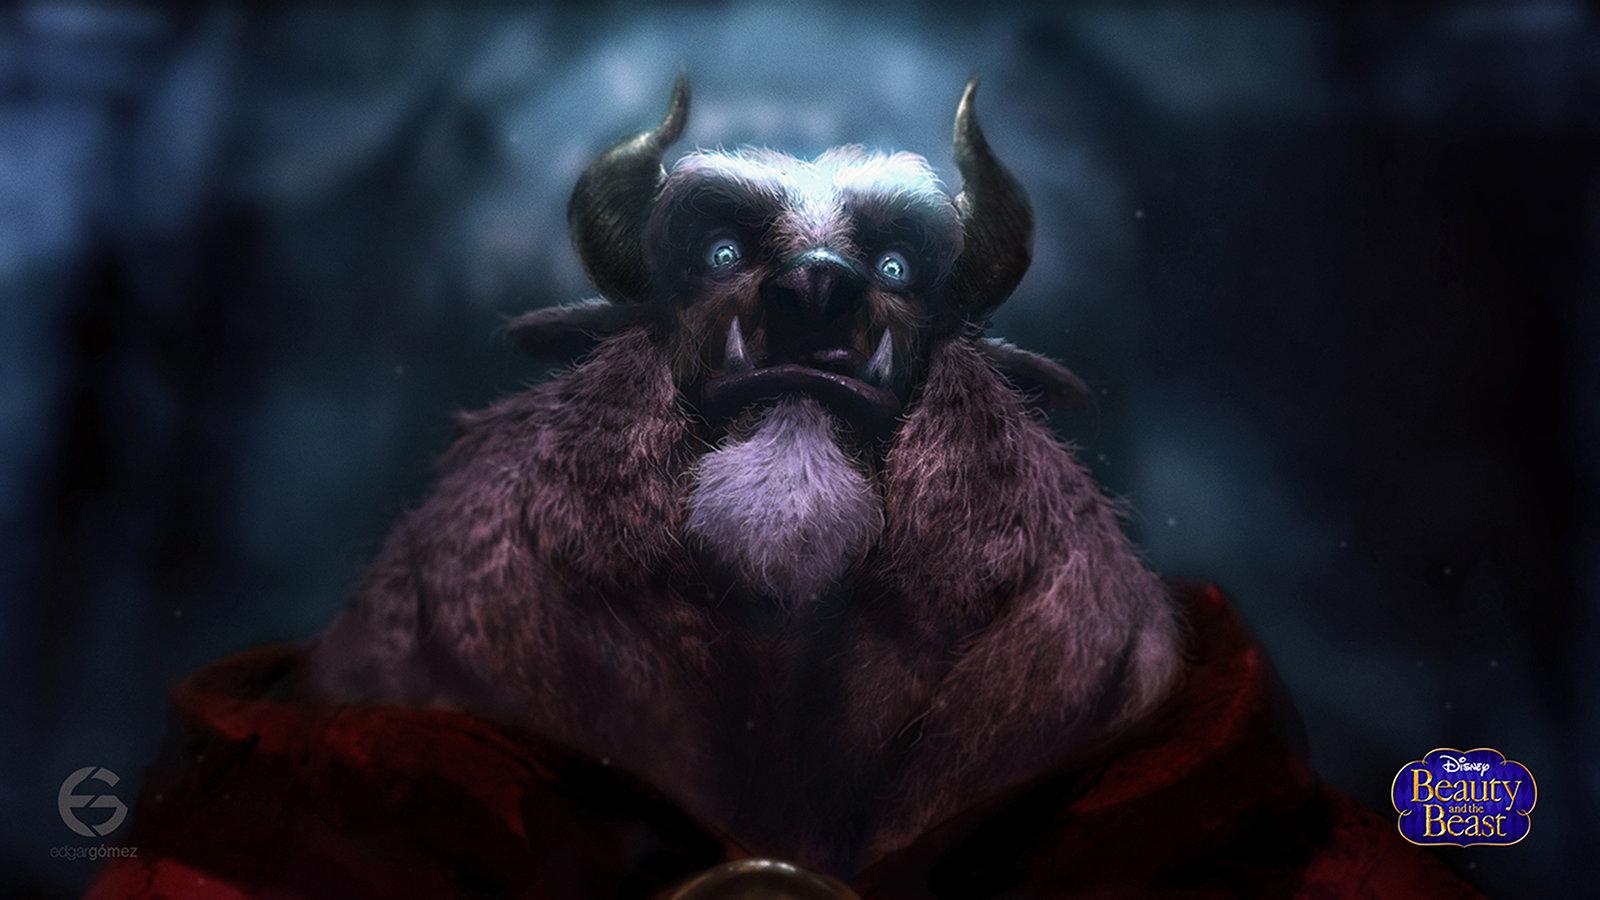 Edgar gomez beast